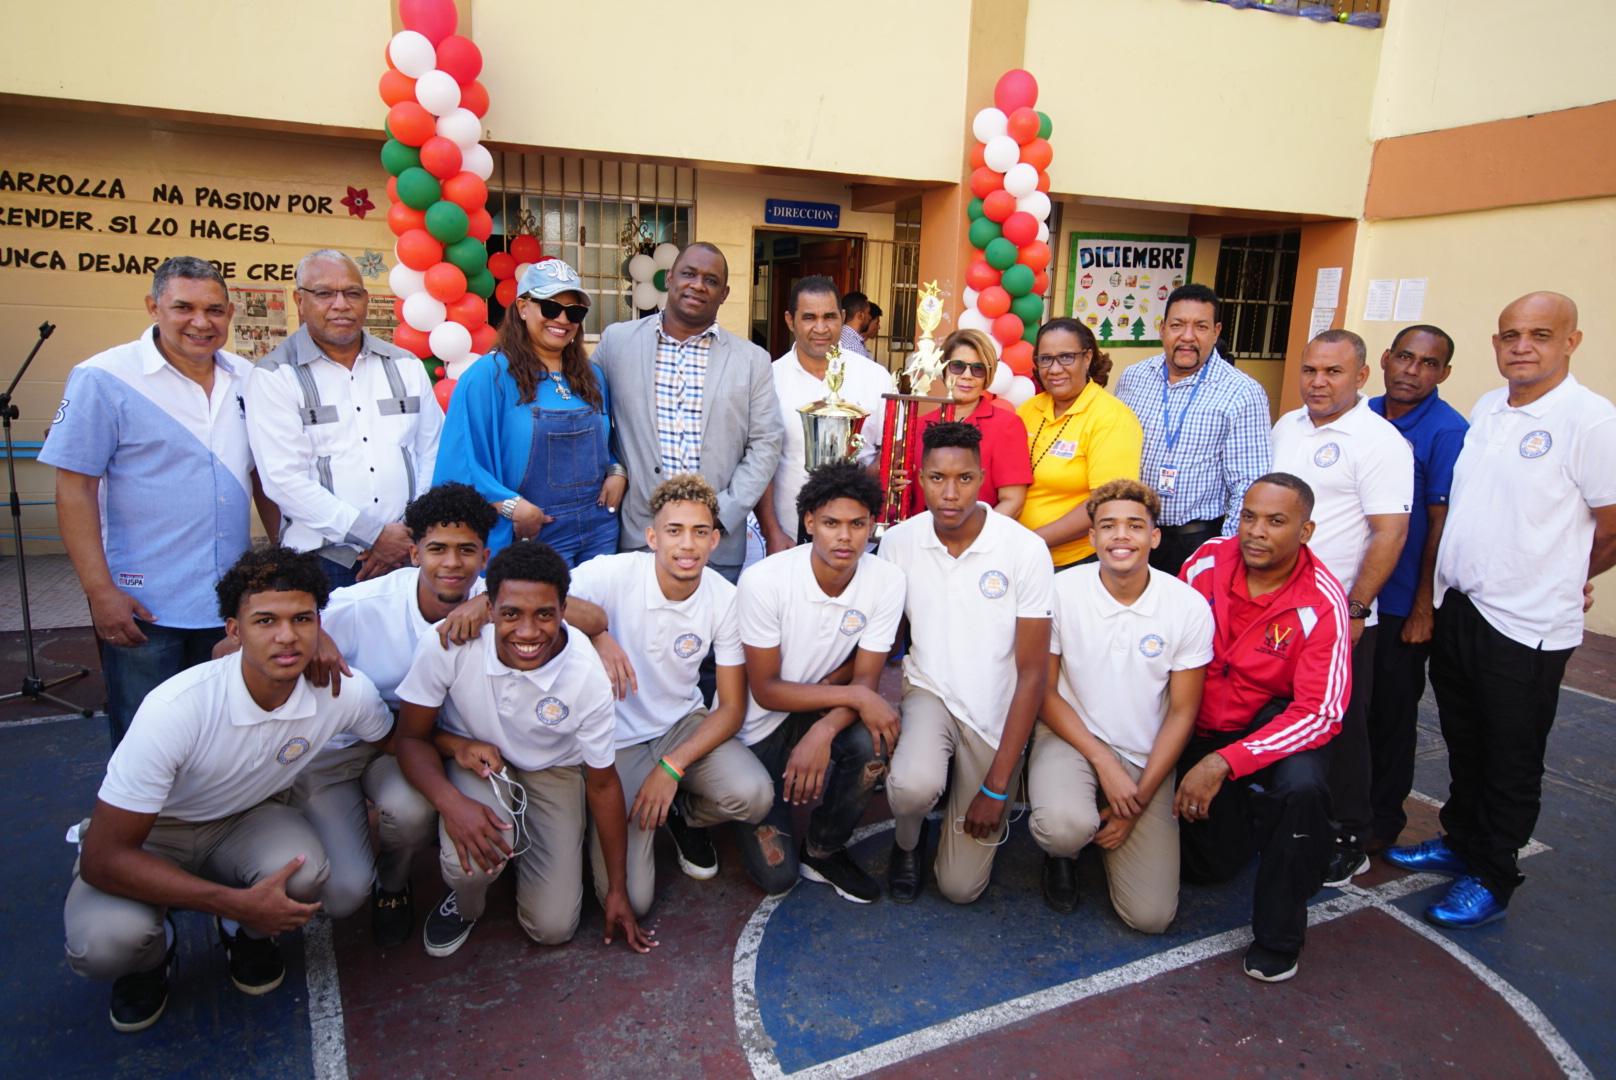 Campeones del baloncesto en Juegos Escolares podrían representar el país a nivel internacional